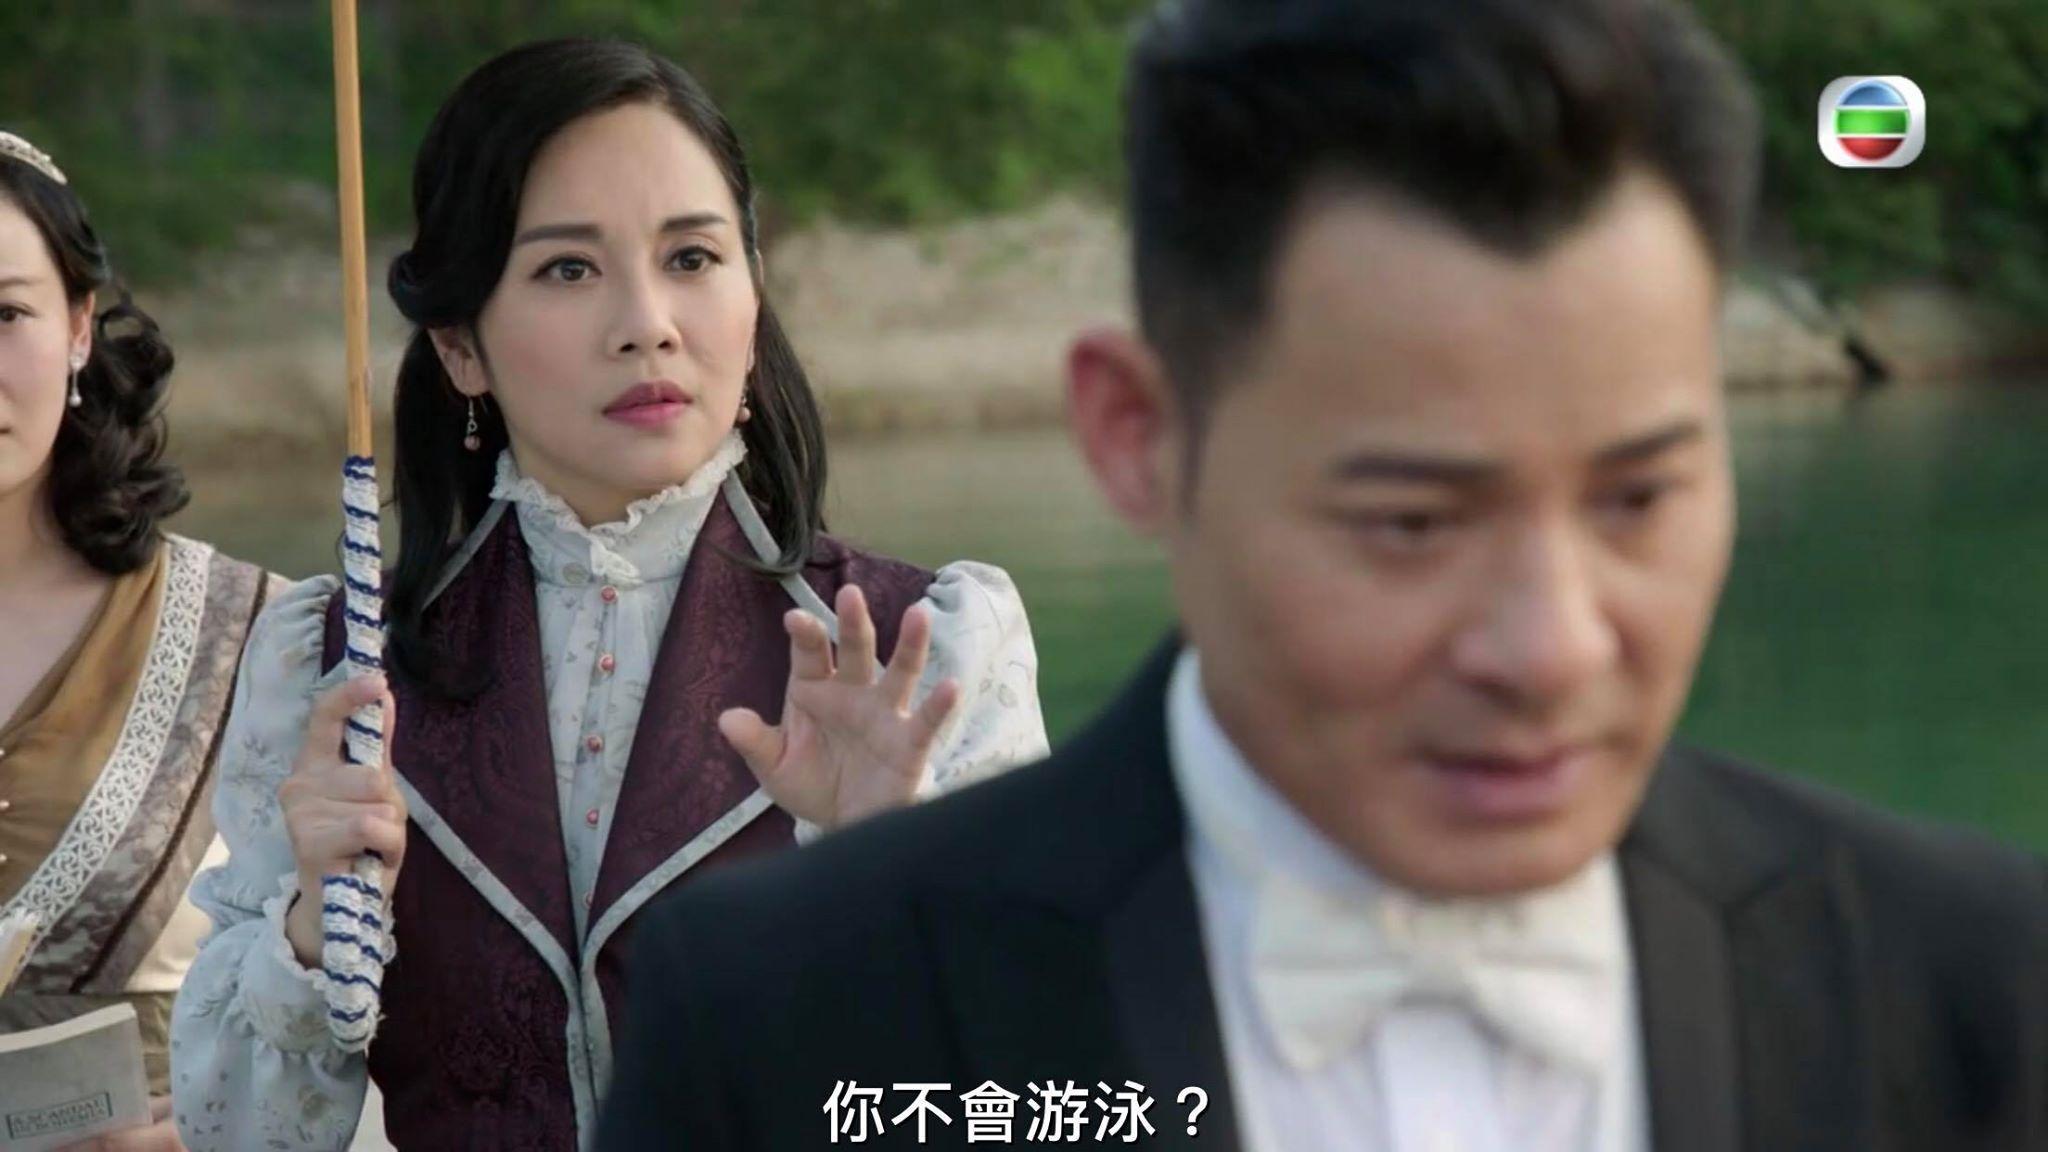 陳松伶演繹夫人的最後一個眼神:究竟一夫有沒有殺小木蘭?(截圖)